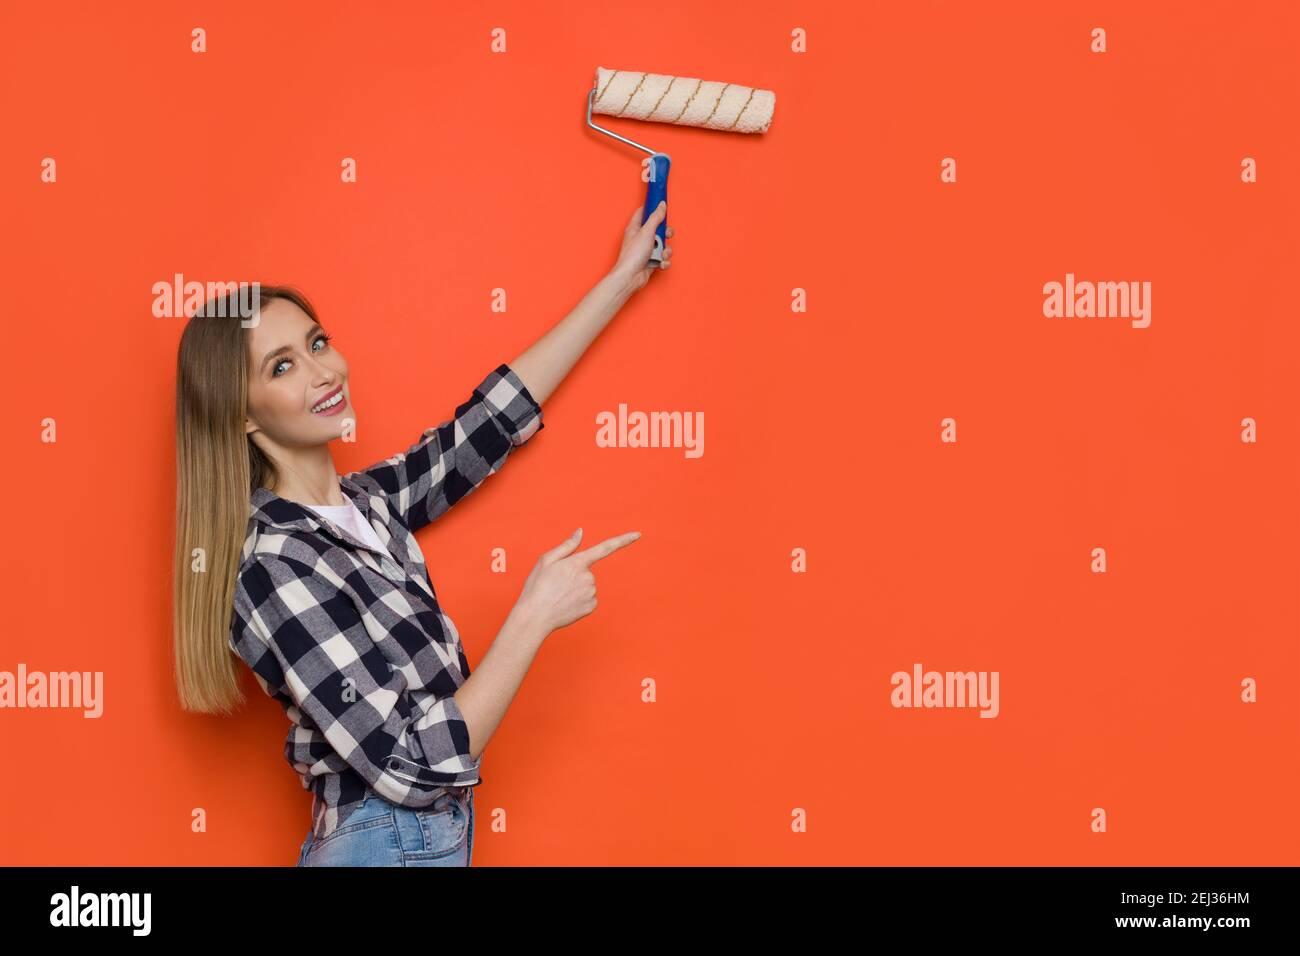 Giovane bionda donna in lumberjack camicia e jeans è pittura arancione parete con rullo pittura, guardando la fotocamera sopra la spalla e puntando. Vita Foto Stock